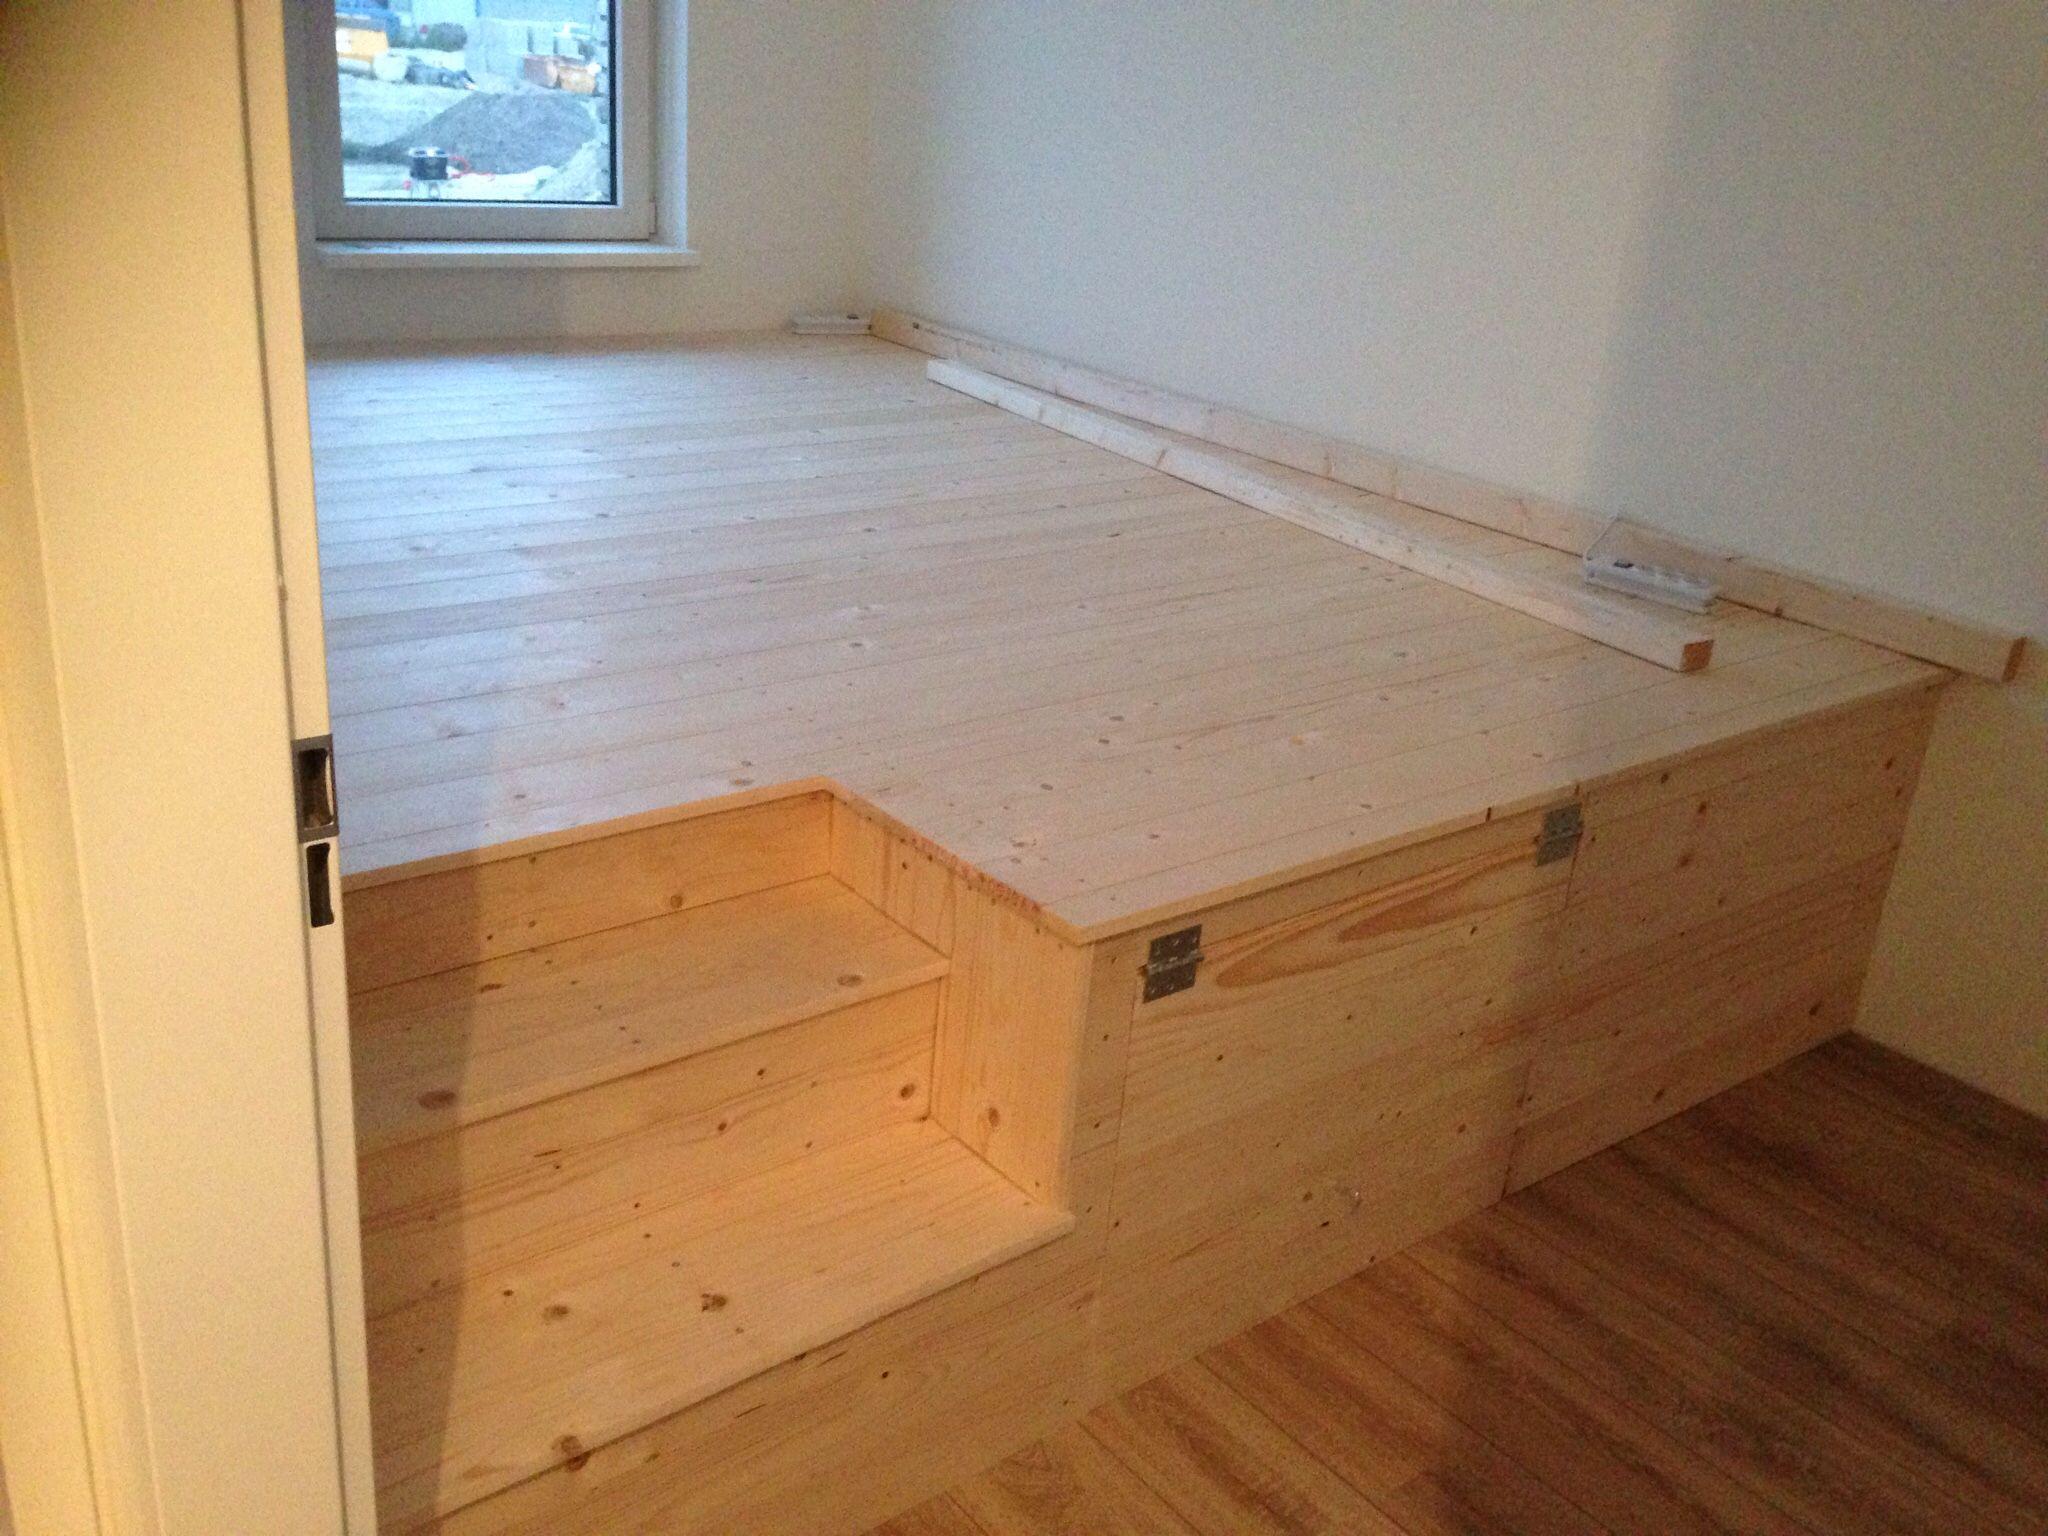 Verhoging In Slaapkamer : Kleine slaapkamer inrichten prachtige voorbeelden box